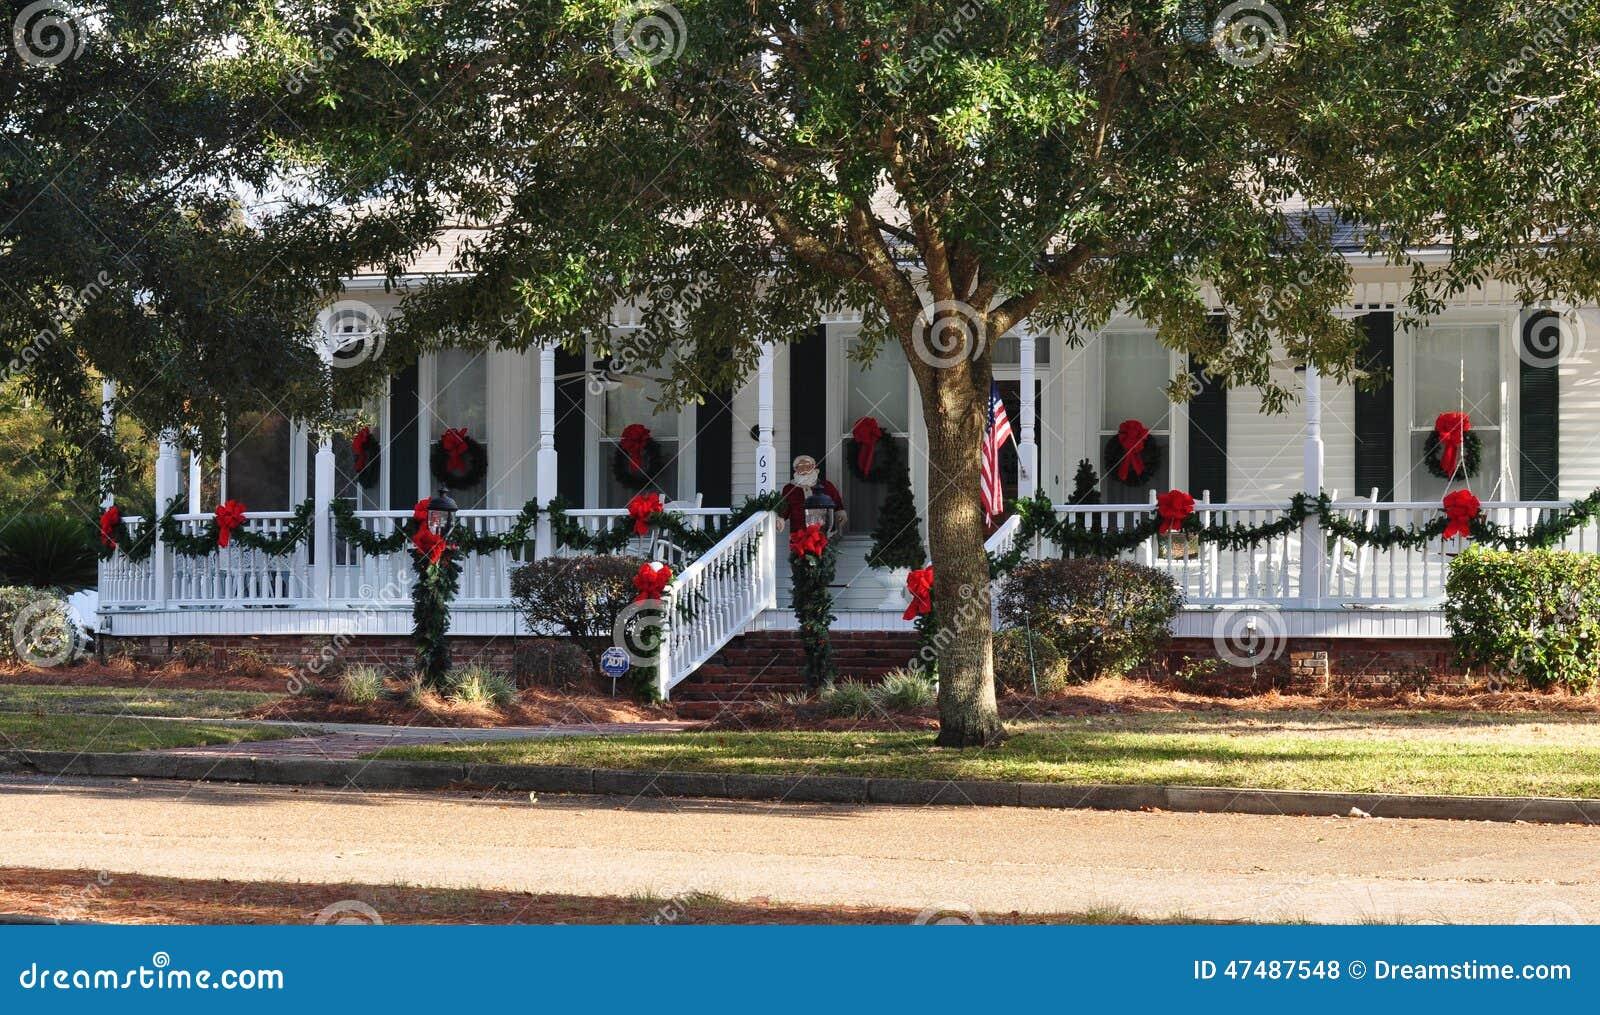 viktorianisches weihnachten stockfoto bild 47487548. Black Bedroom Furniture Sets. Home Design Ideas